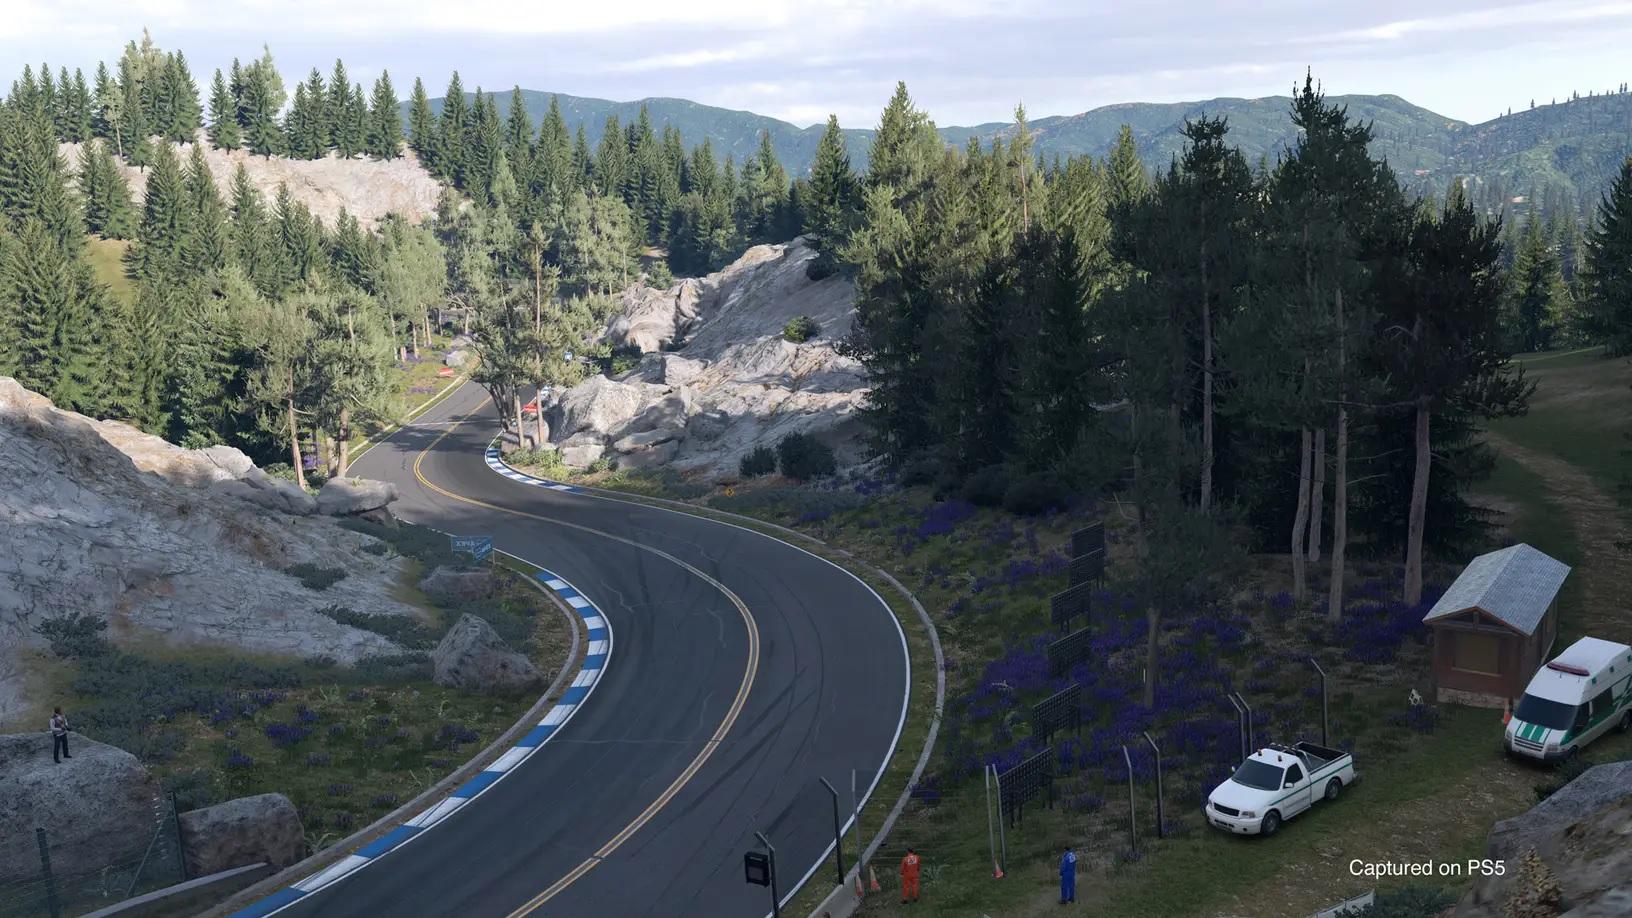 Jogos: Gran Turismo 7 será lançado em março de 2022